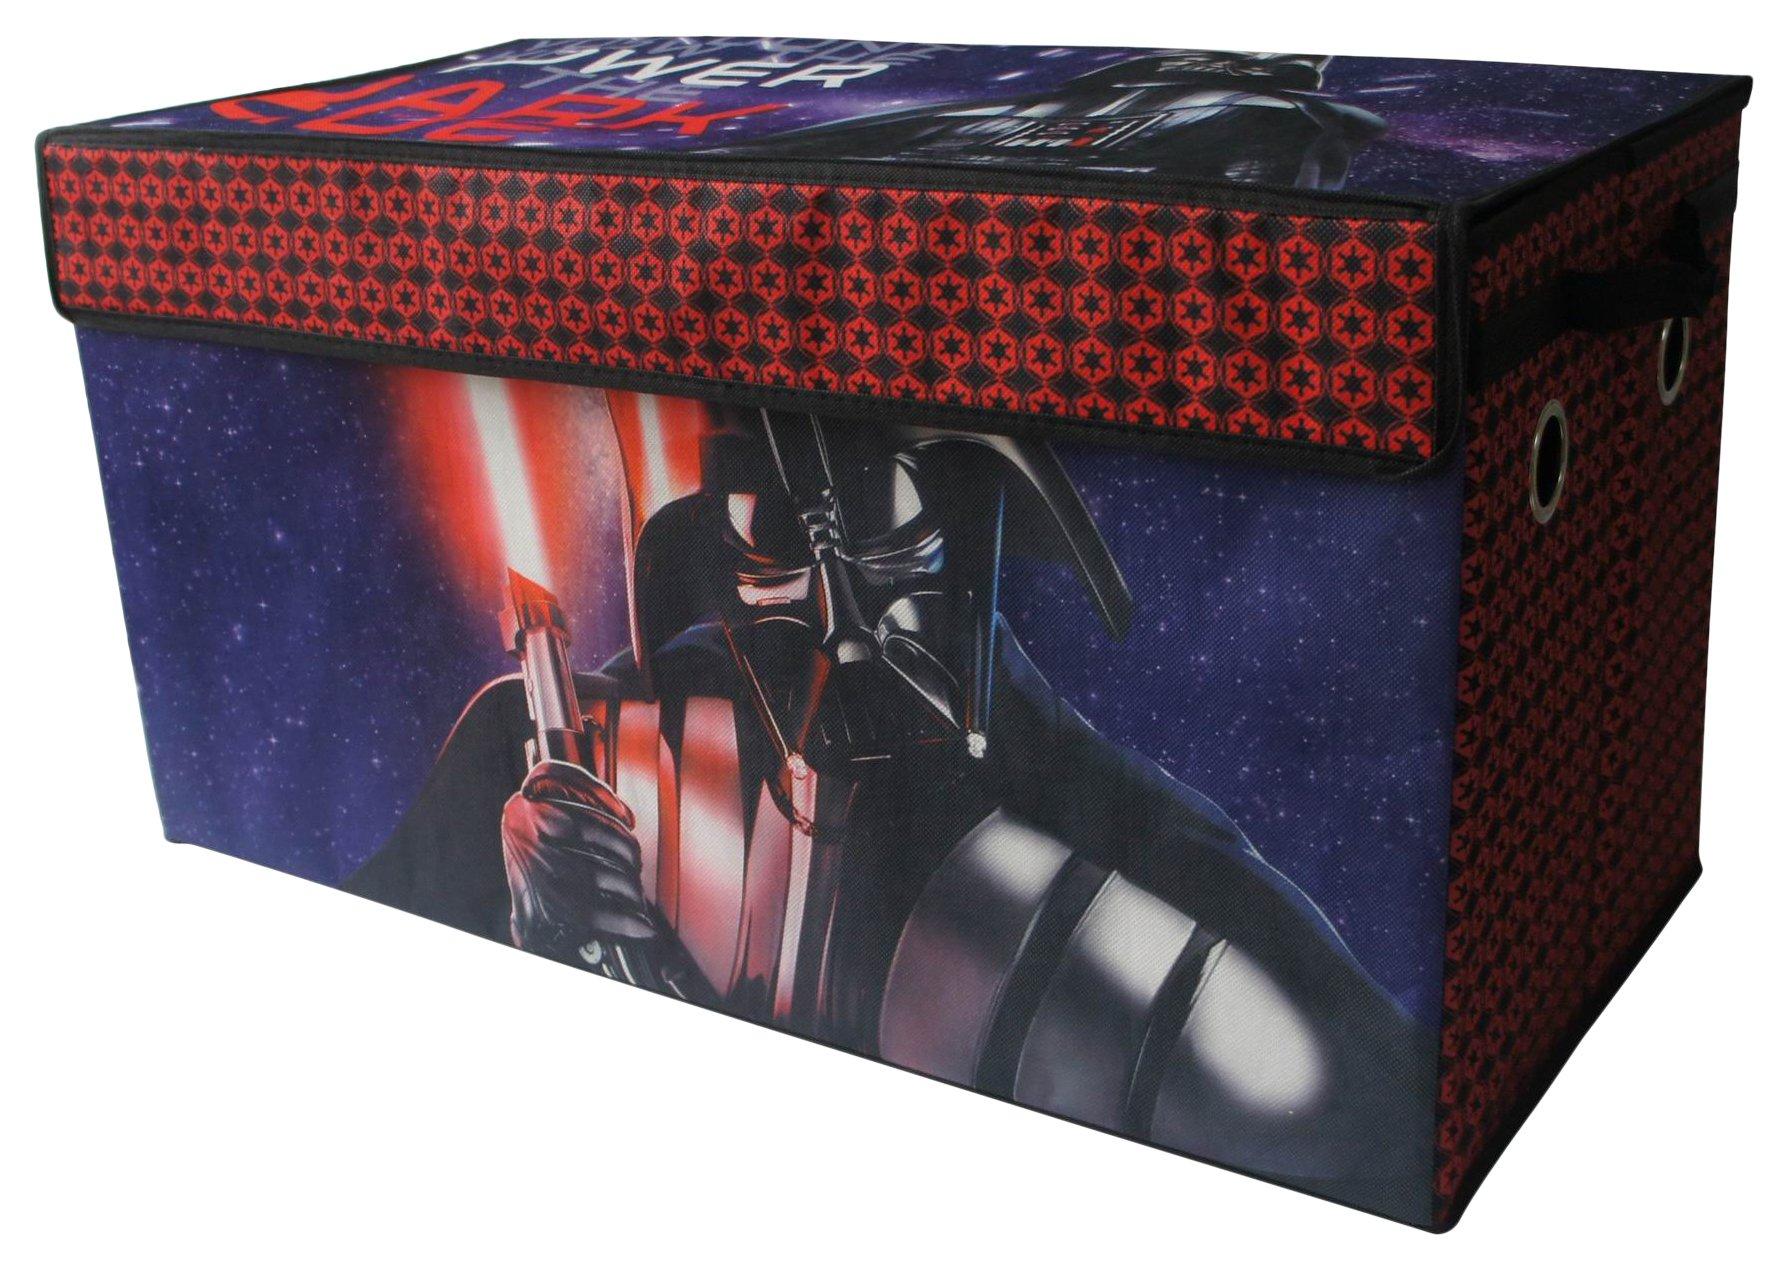 Disney Star Wars Dark Side Storage Trunk Chest by Disney